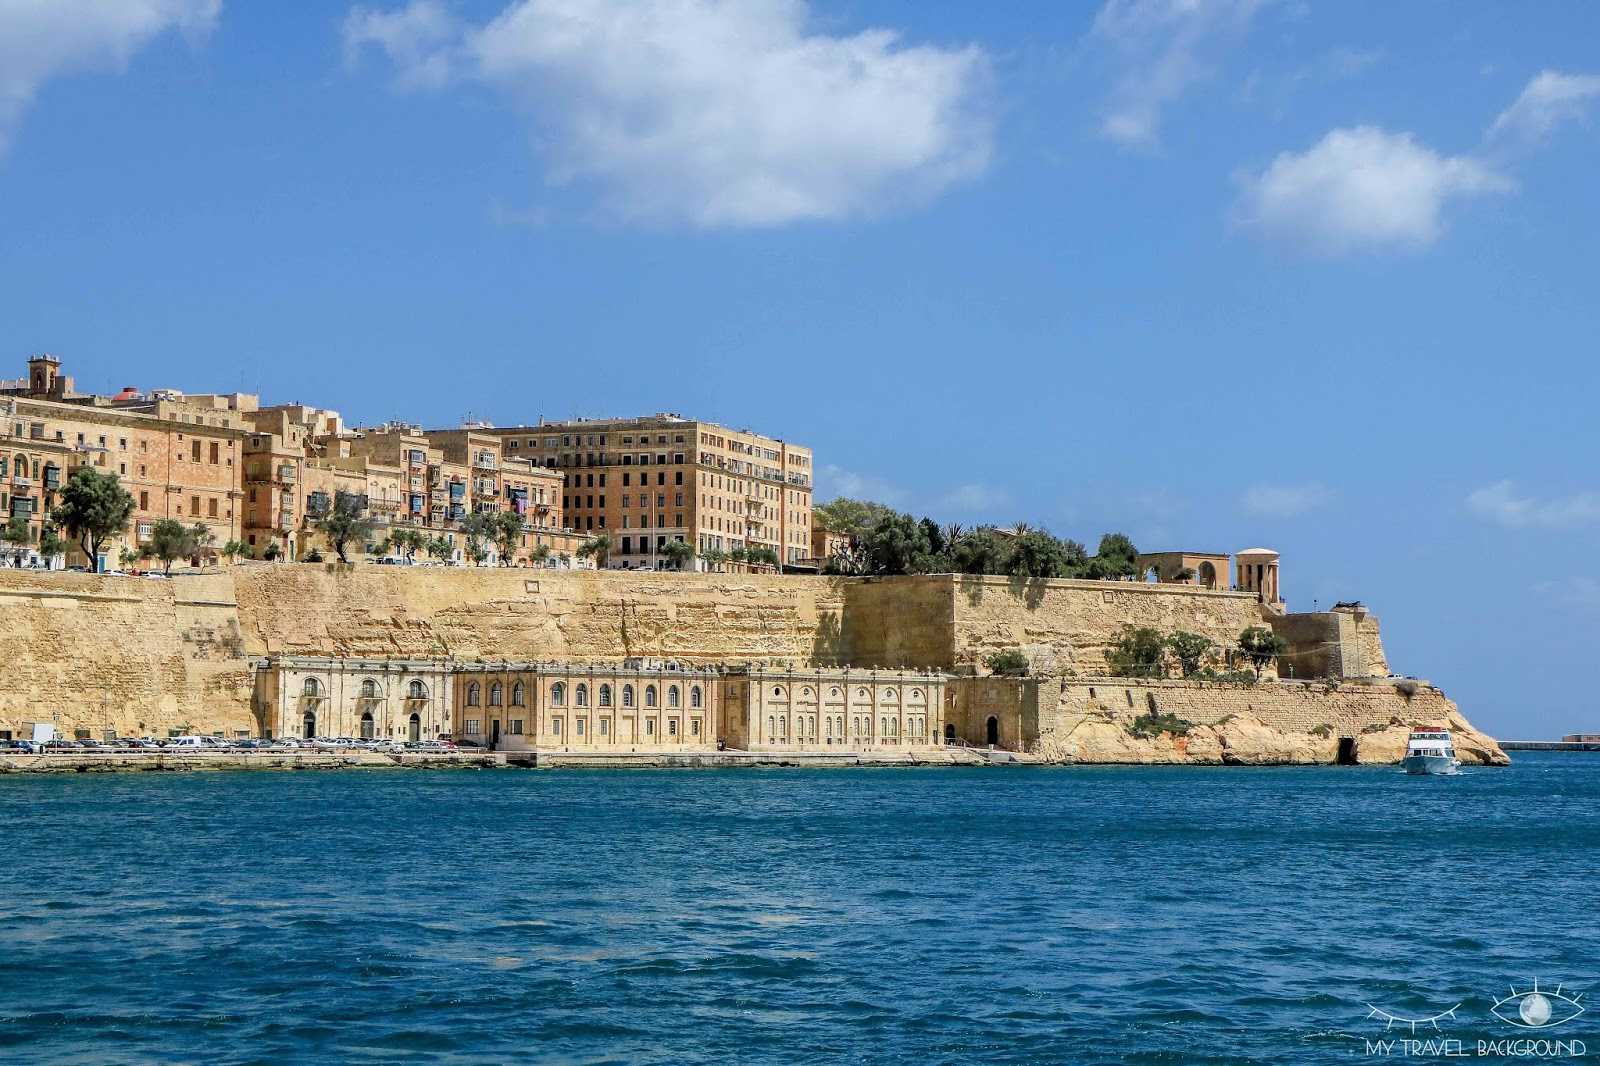 My Travel Background : les incontournables de Malte, Île de Malte (partie 1) - Port de La Valette